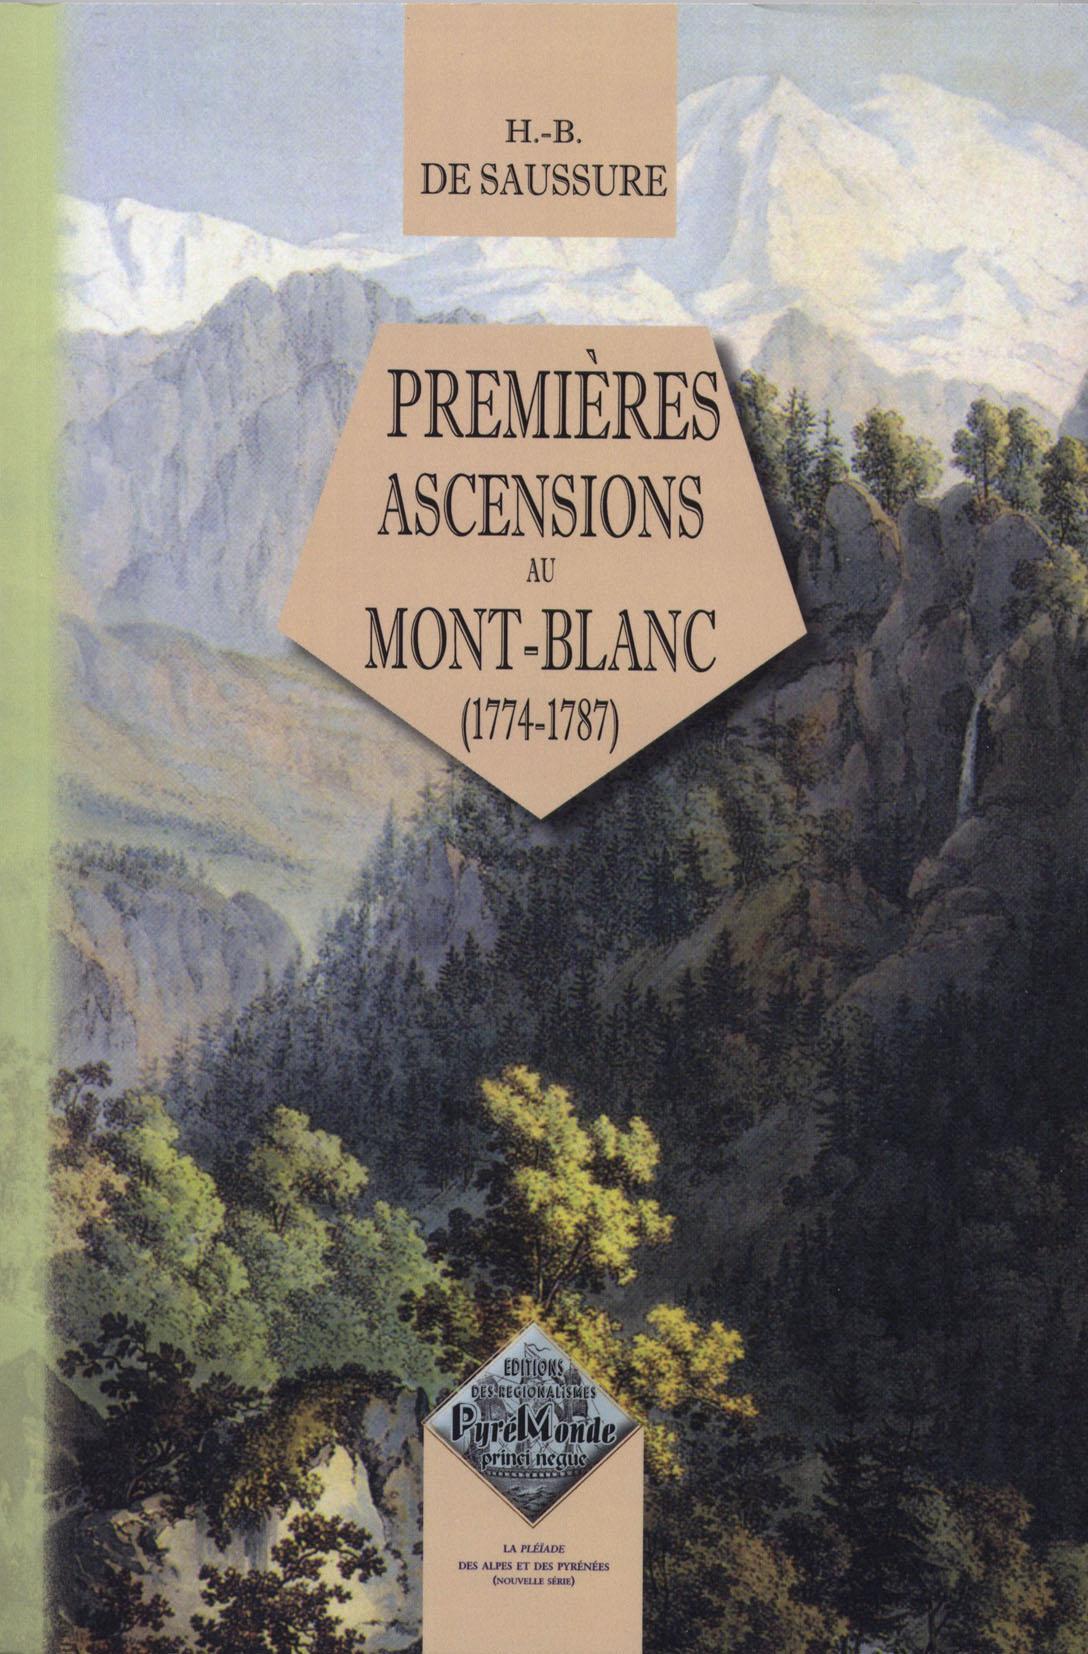 Premières ascensions au Mont-Blanc (1774-1787)